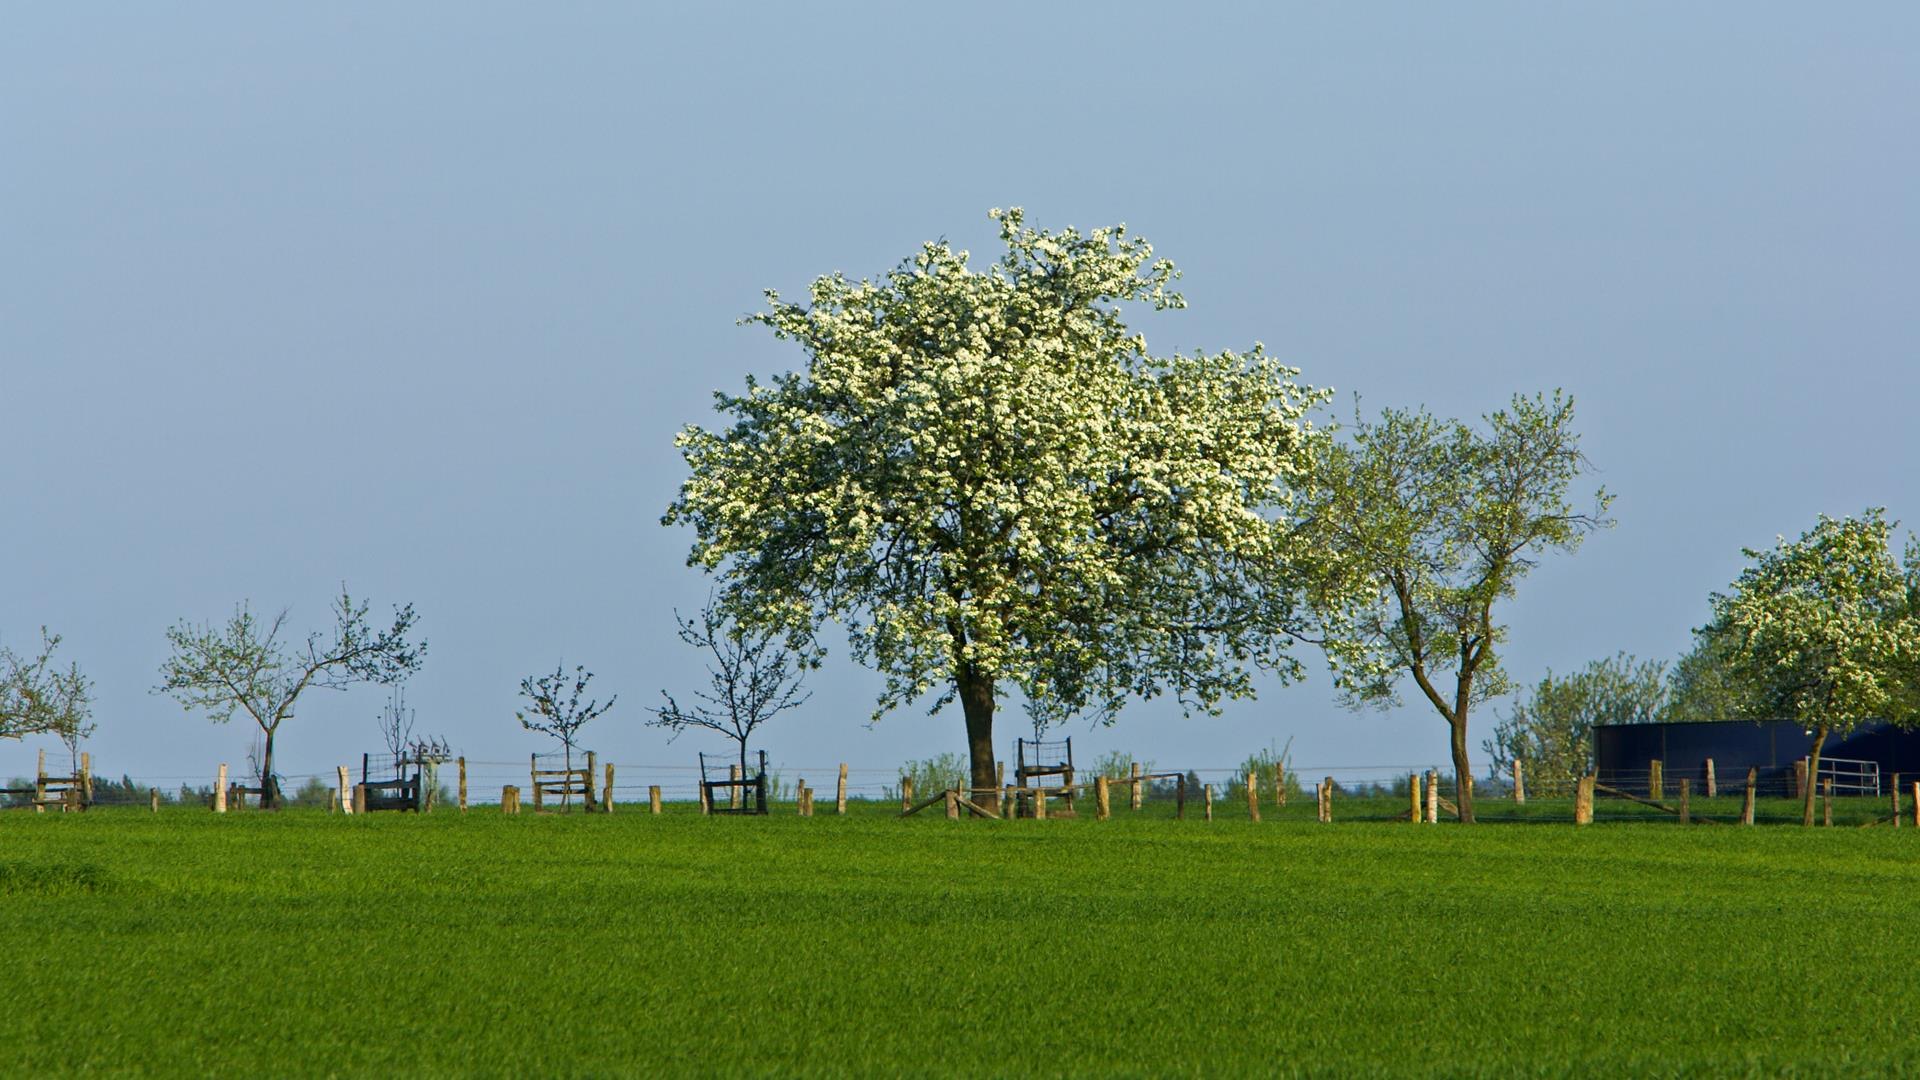 arbres-et-forets-en-pleine-nature_widescreen_07